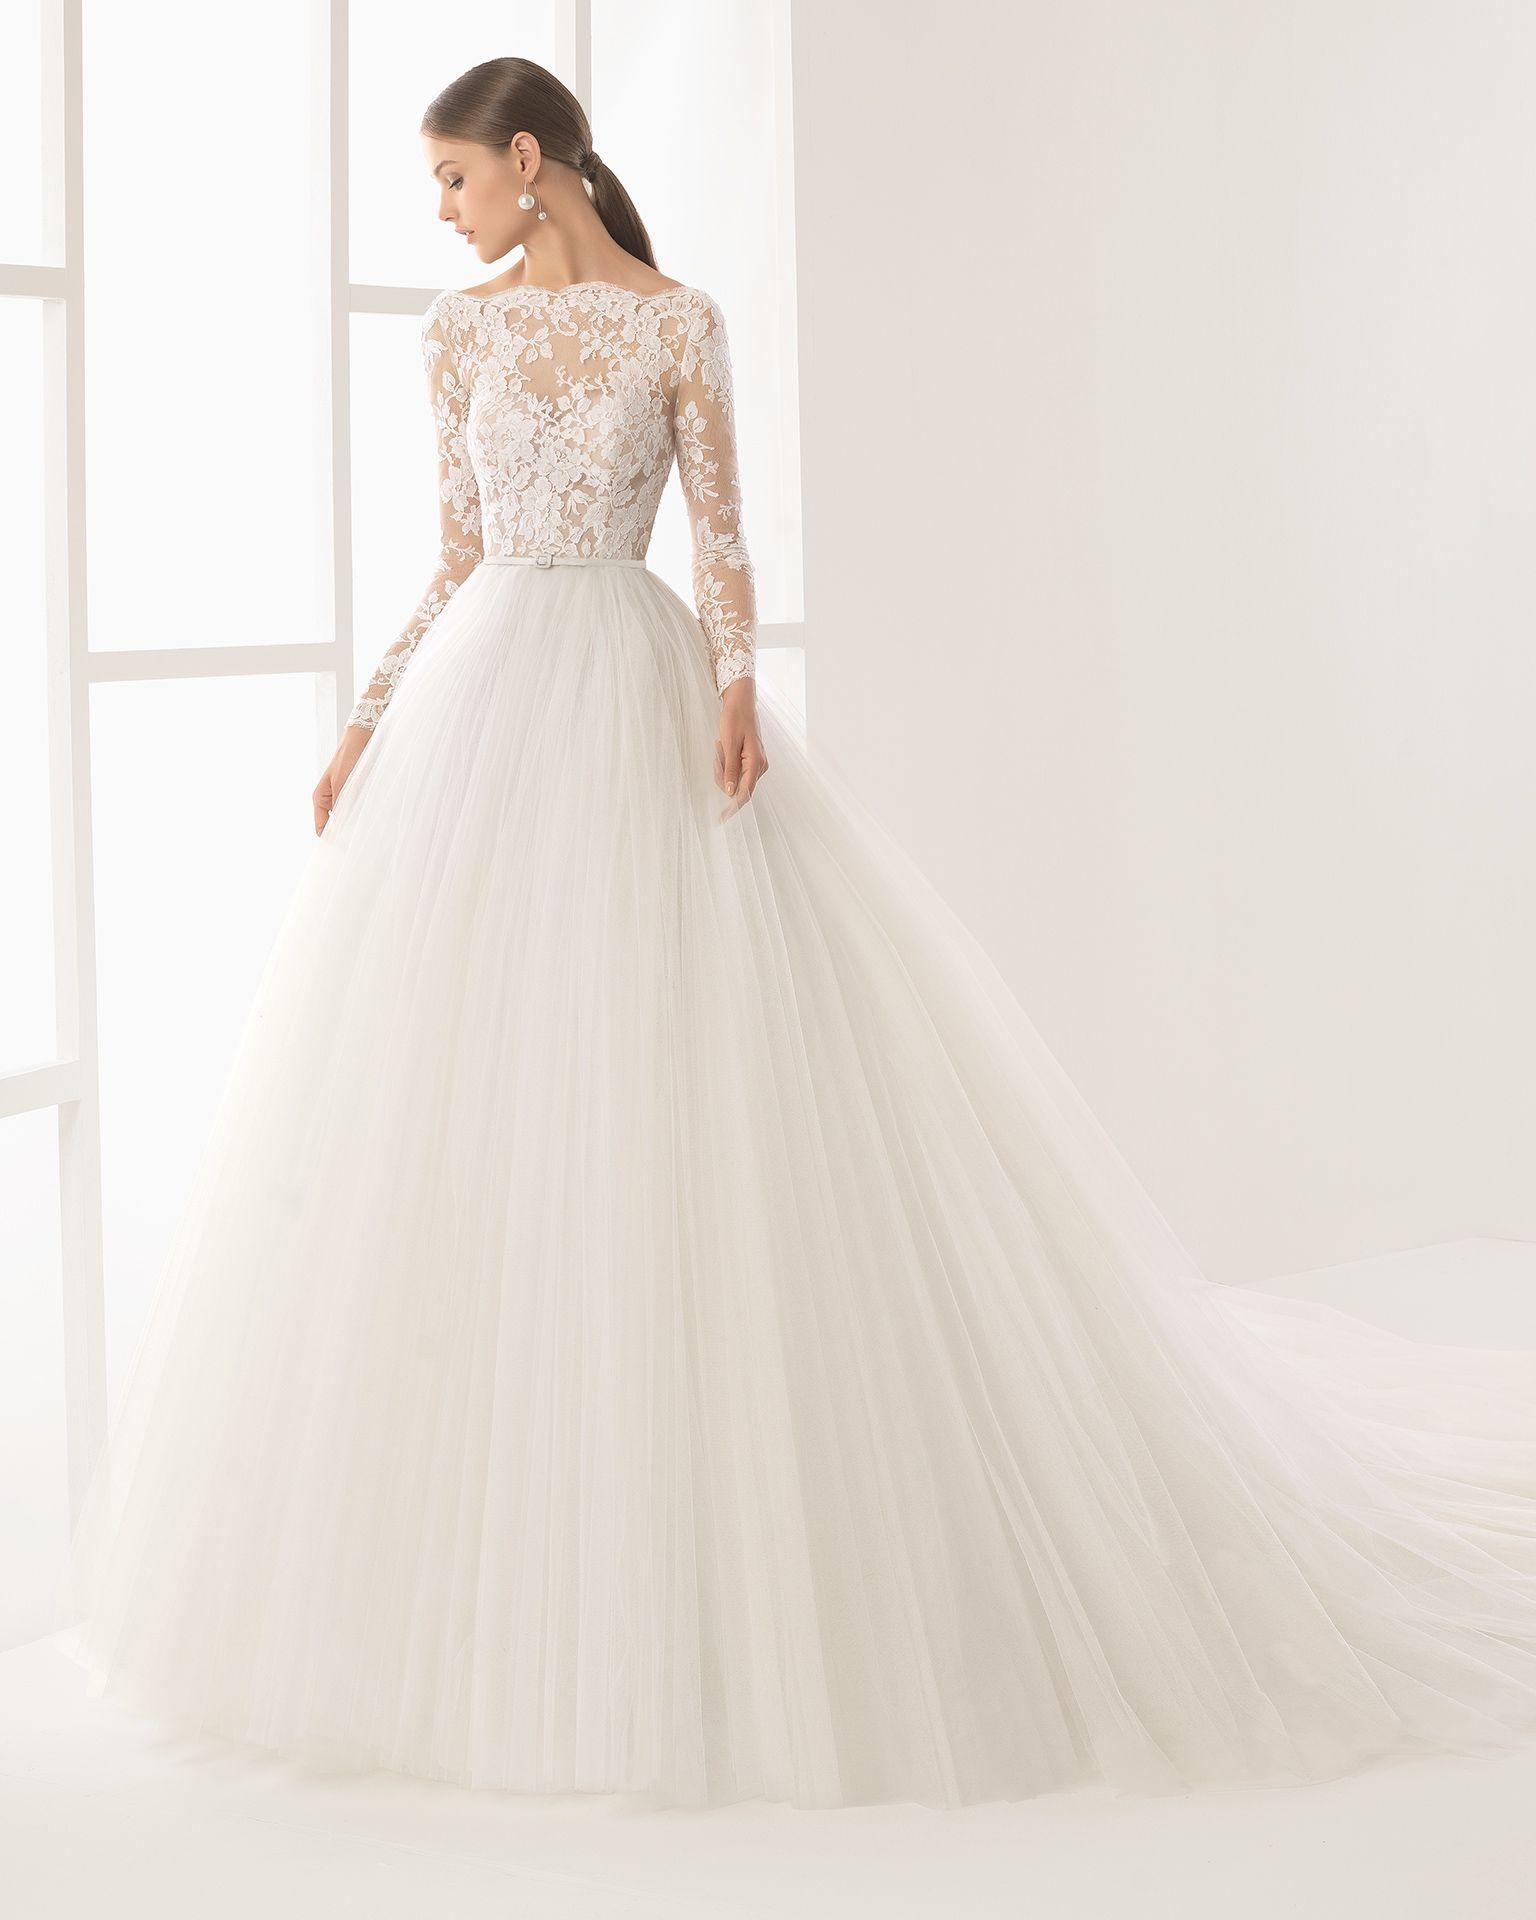 0b4c656e825 Niher vestido con cuerpo de encaje con transparencia y falda de tul.  Vestidos De Novia